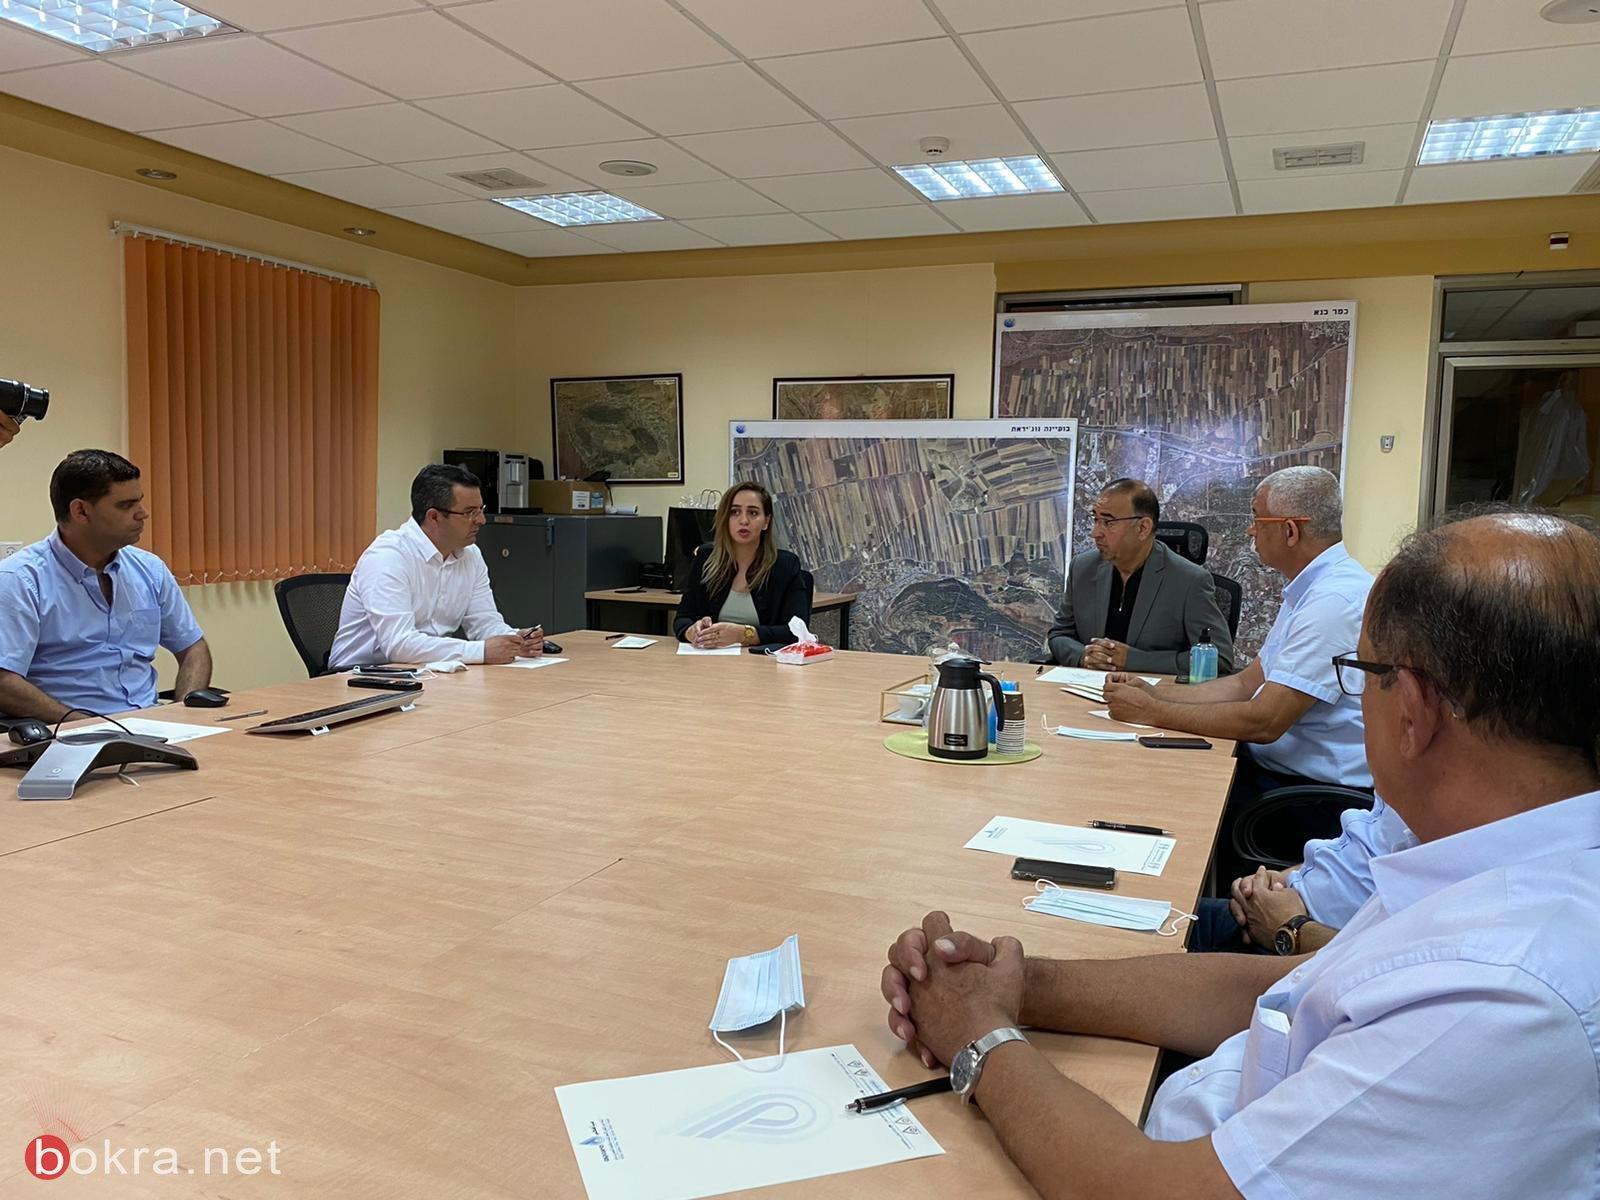 النائب صالح في زيارة إلى مياهكم: التخطيط البيئي السليم يساهم بخفض منسوب العنف